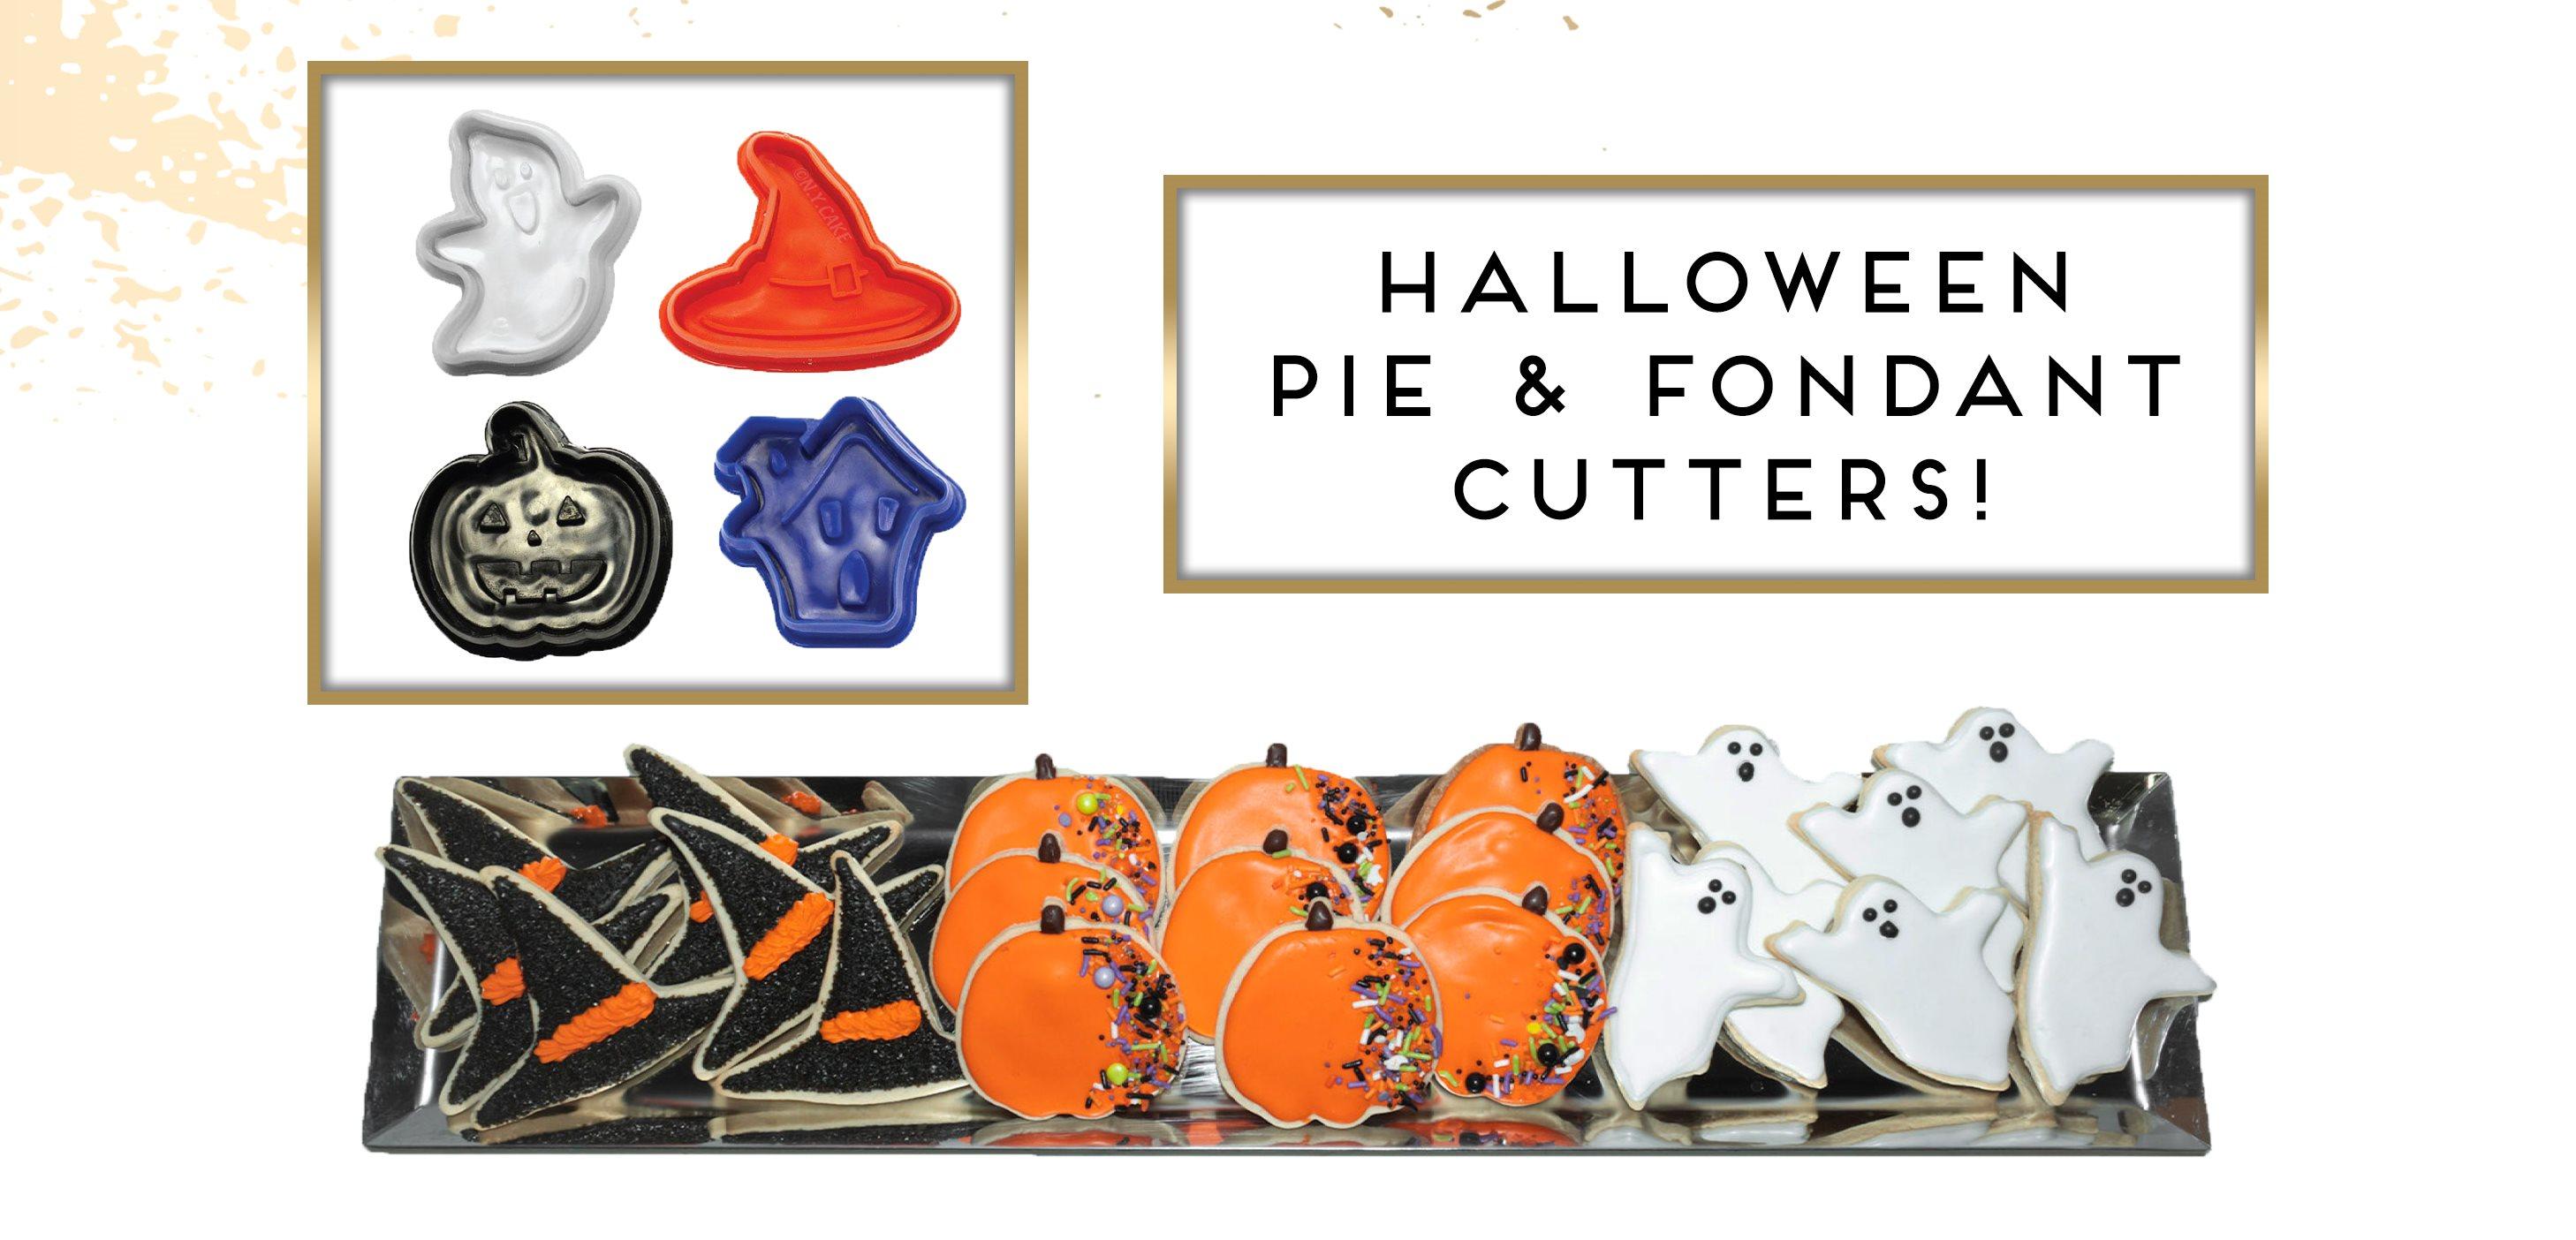 Halloween Pie Fondant Cutter